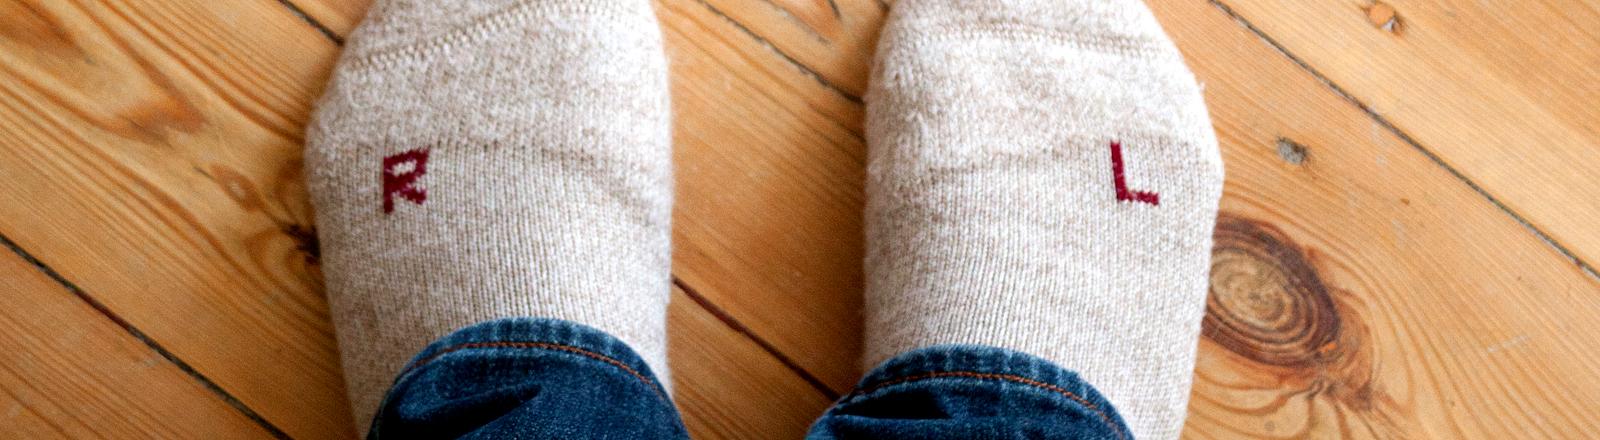 Socken falsch herum